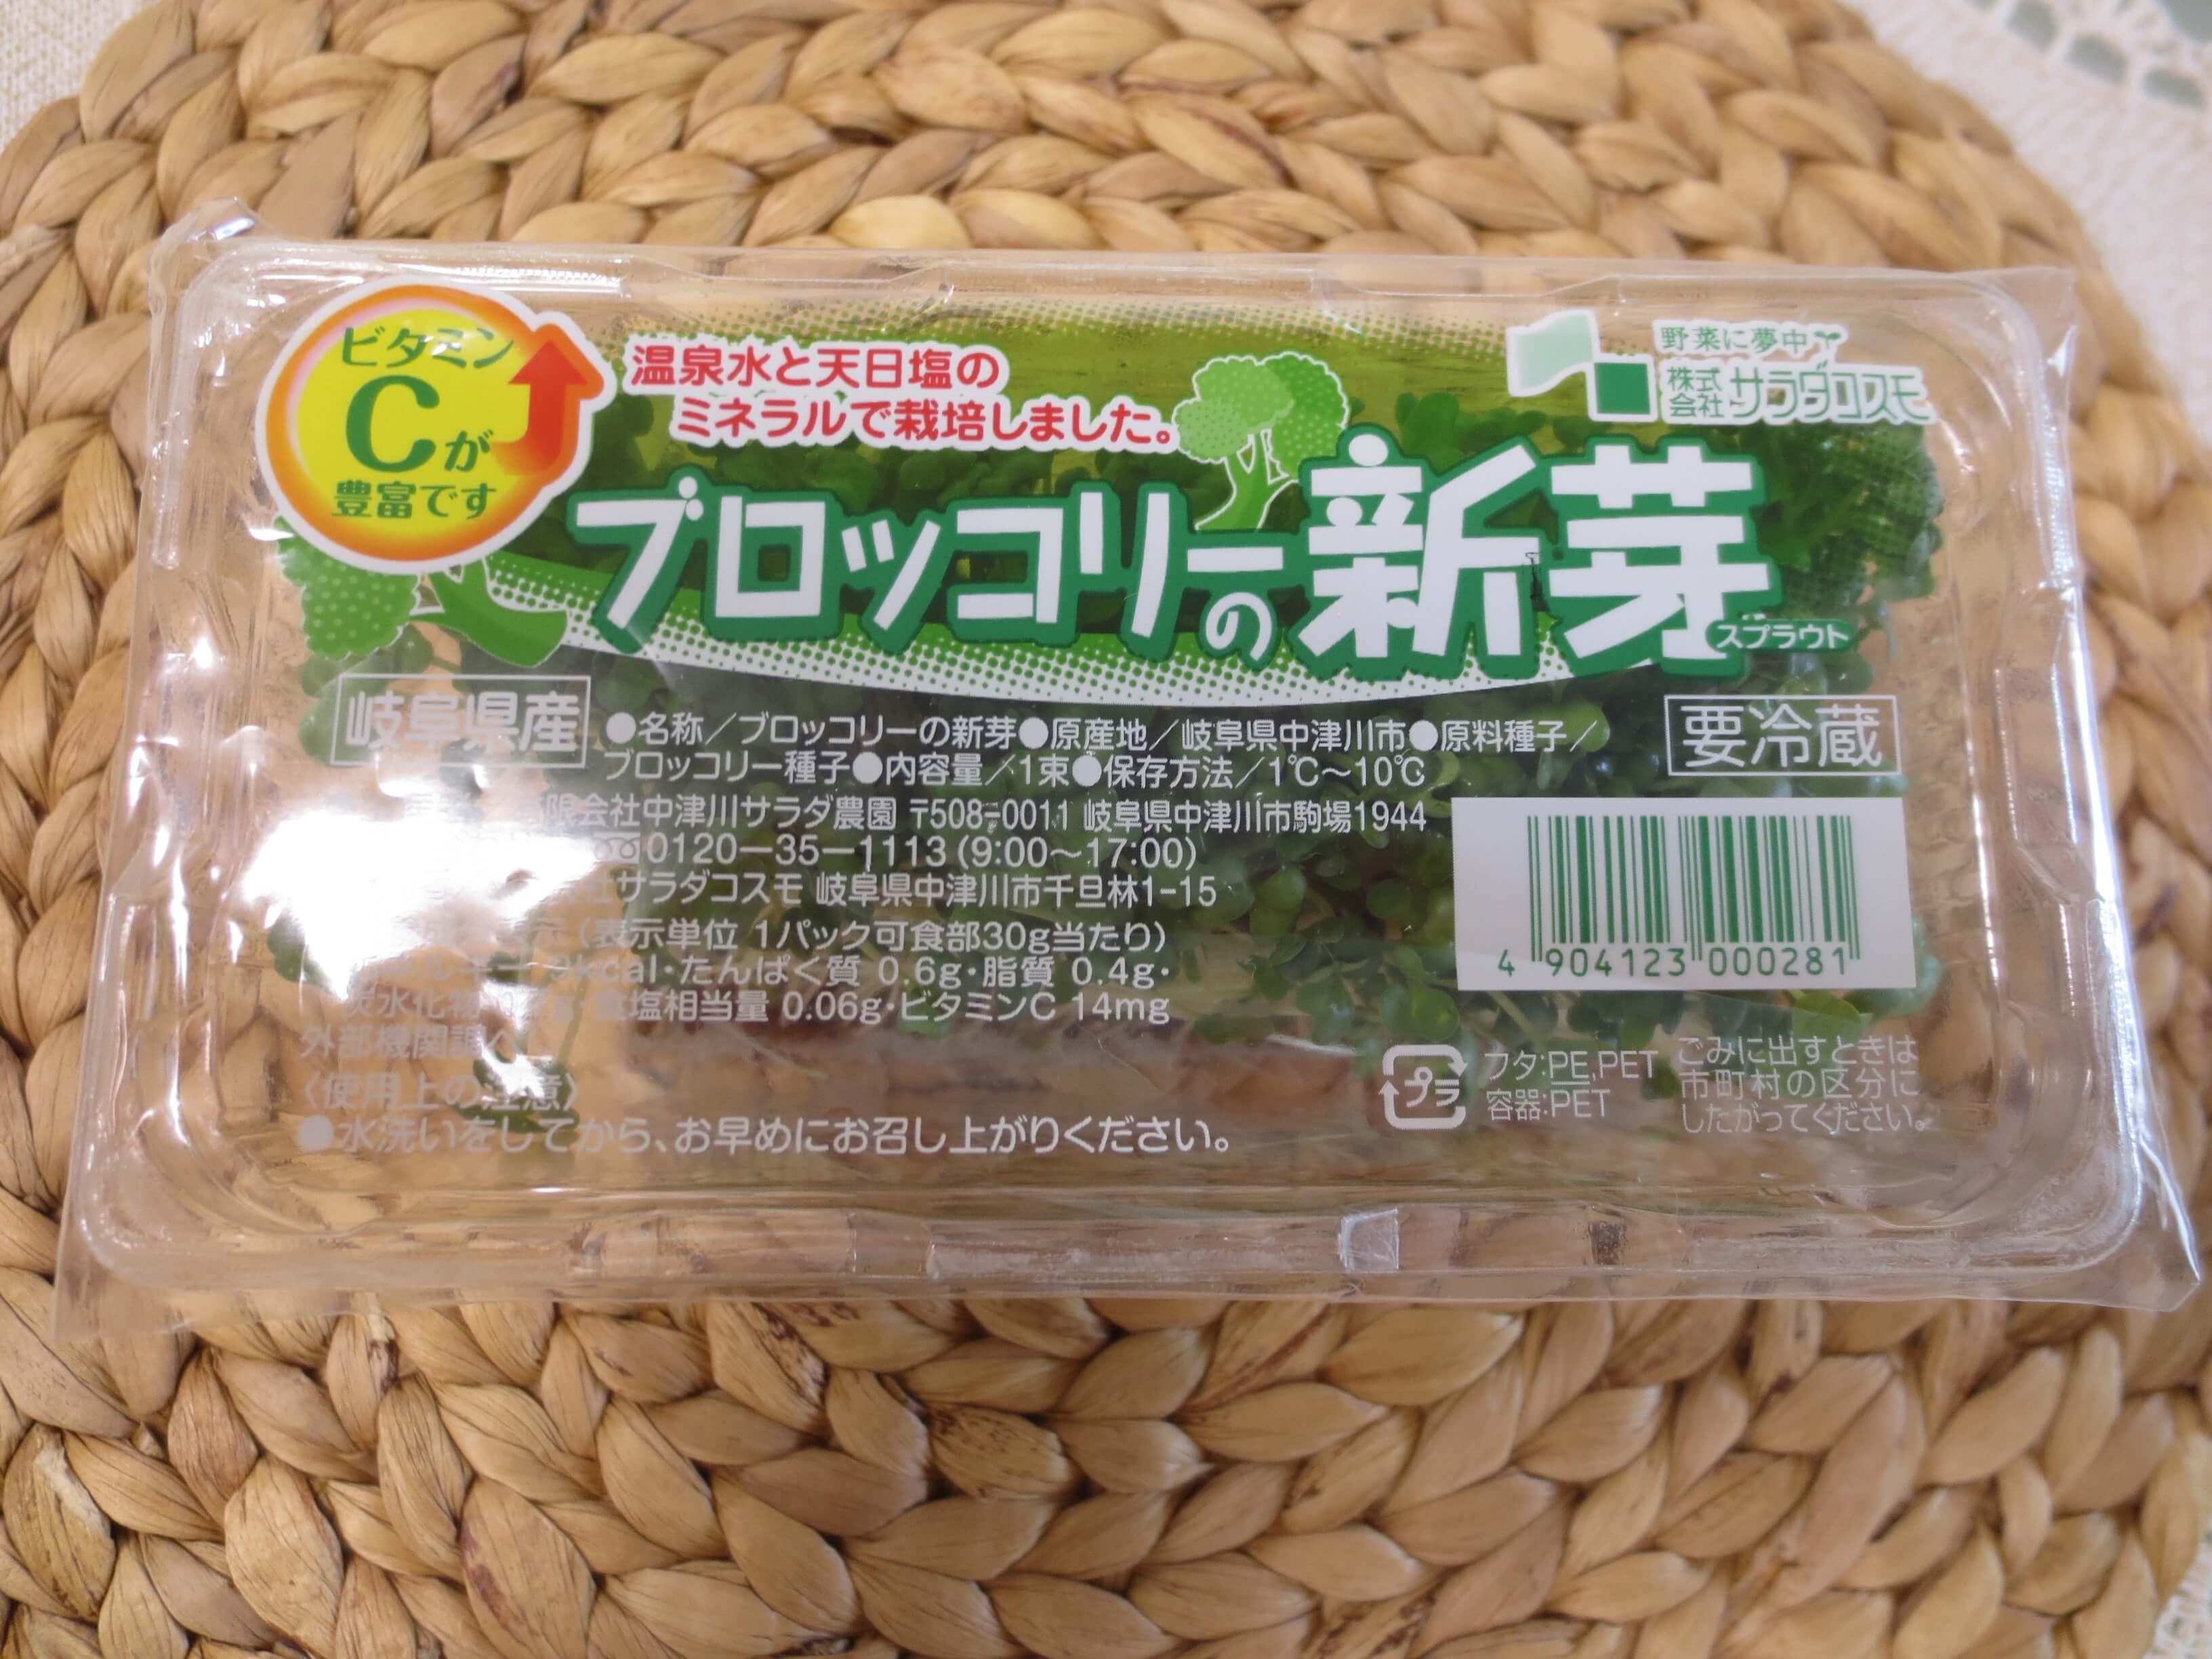 おいしっくす宅配野菜お試しセット61